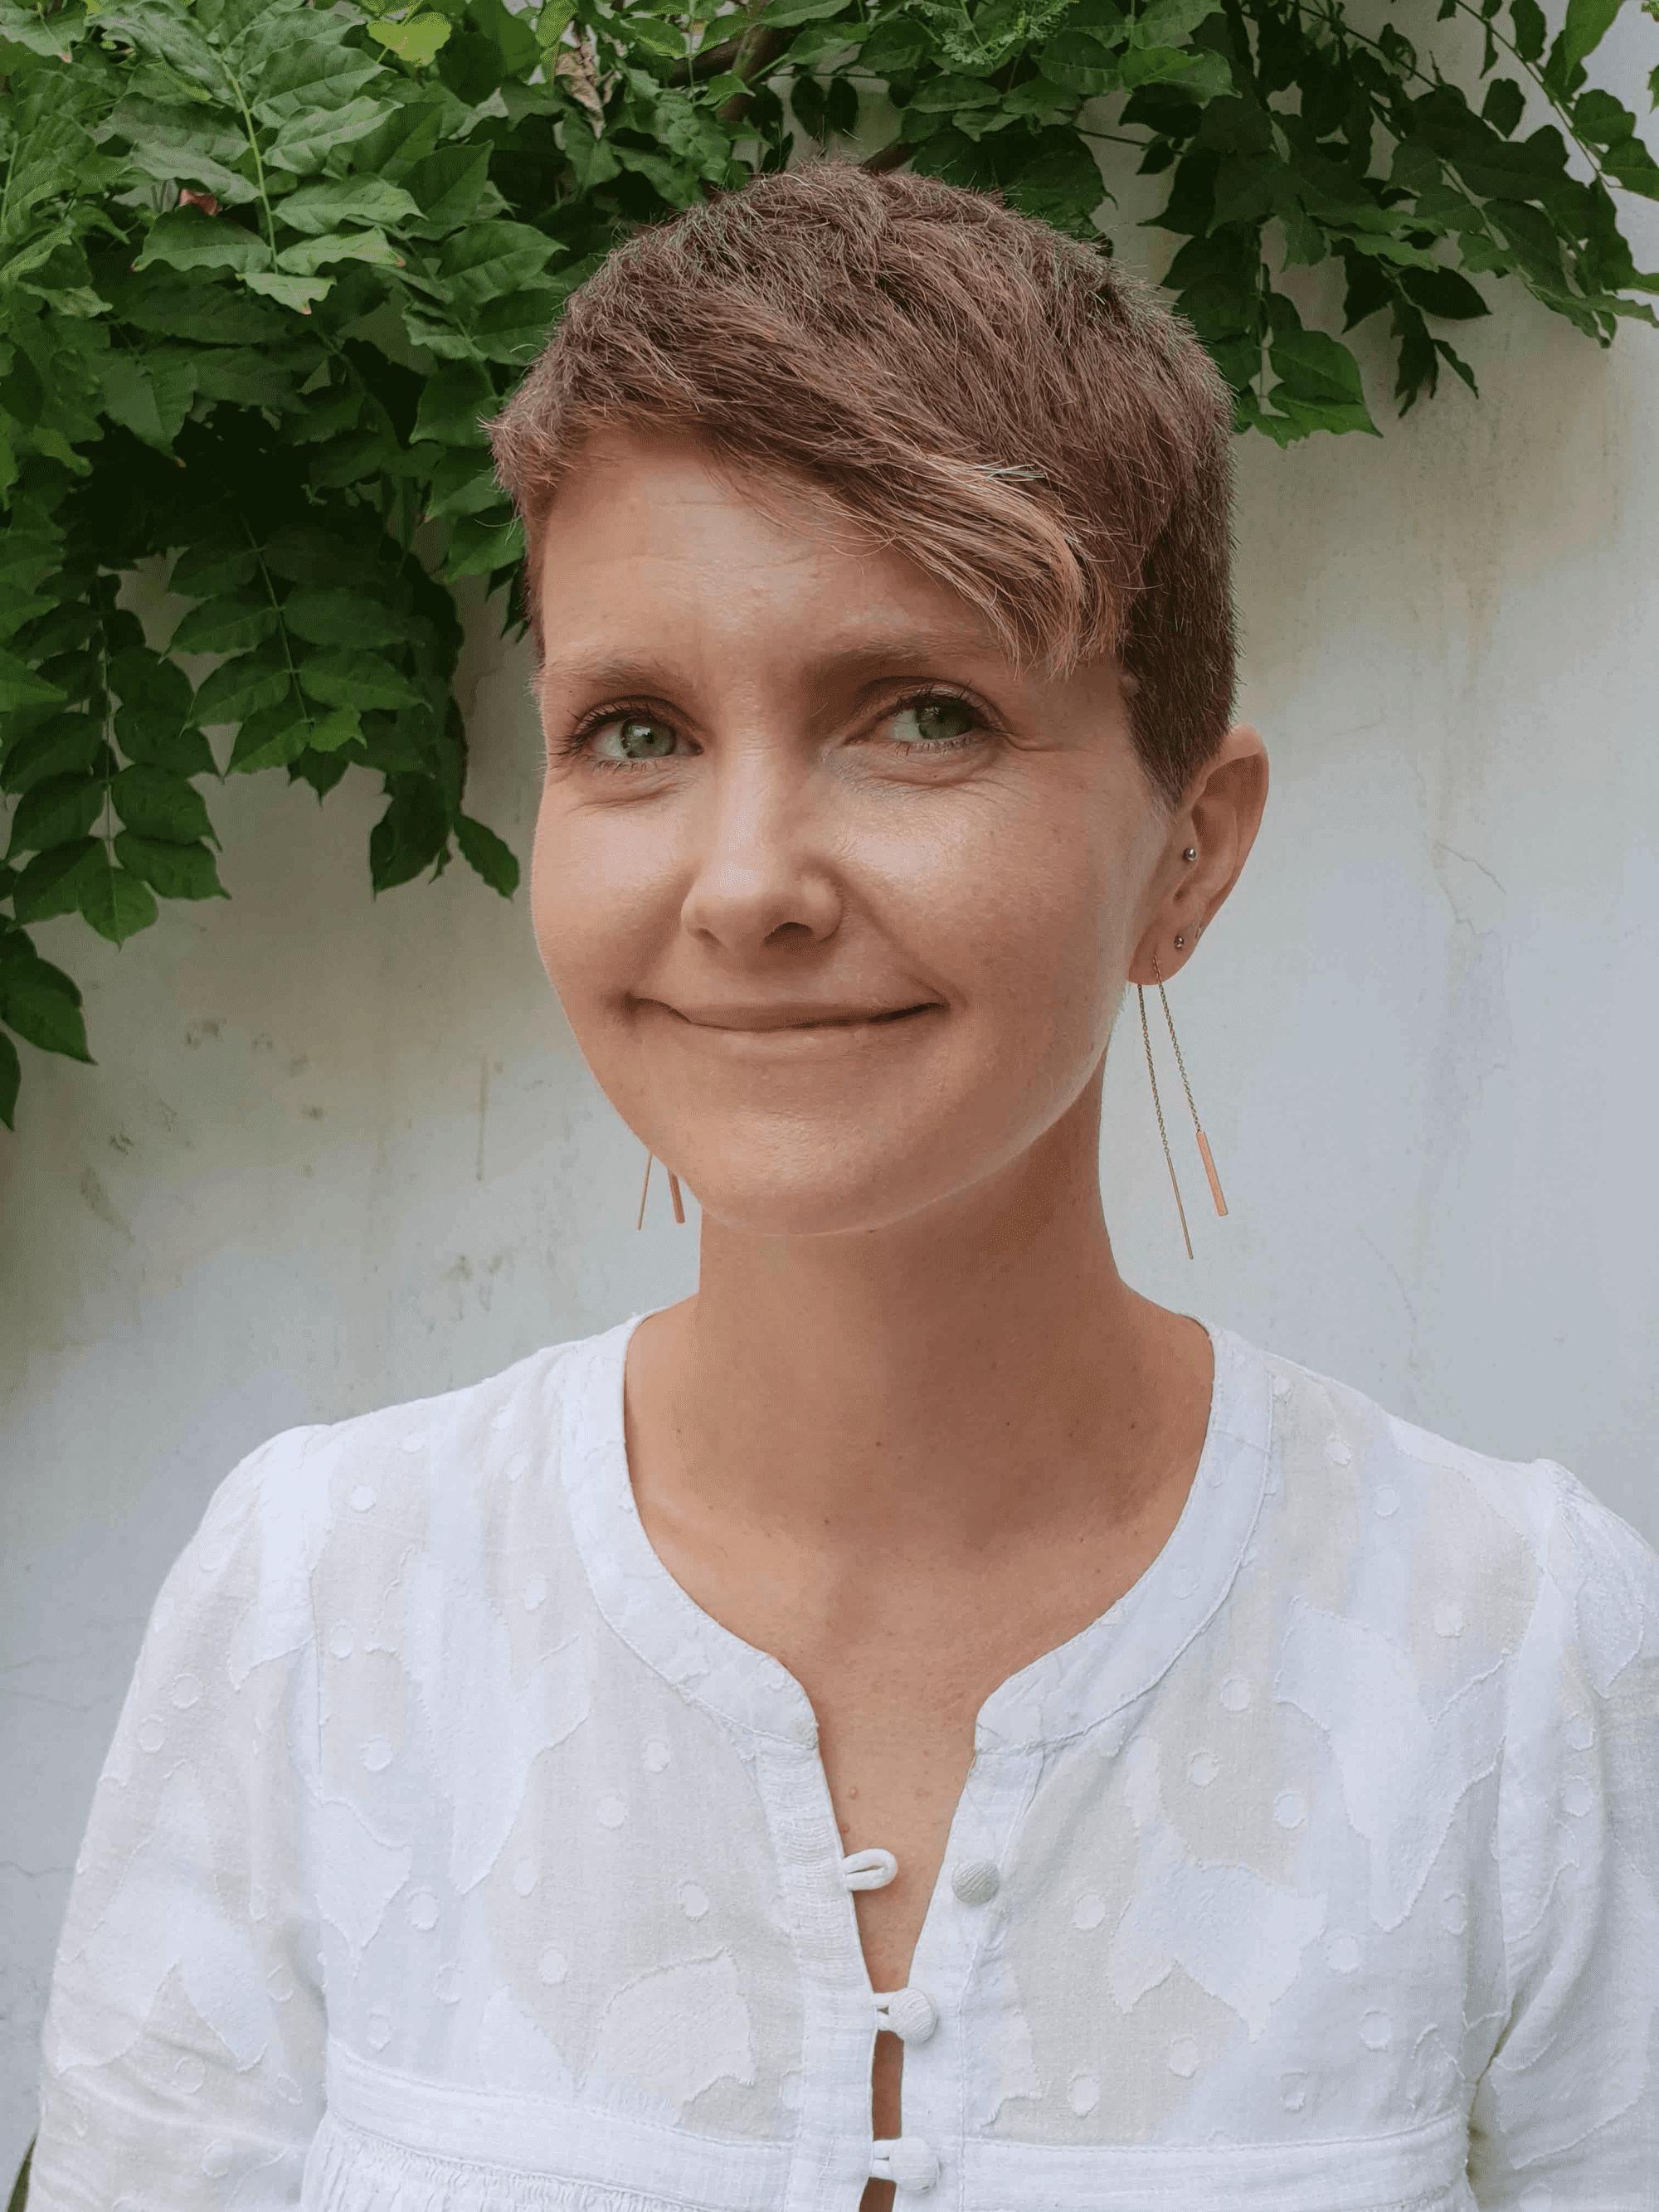 Sara Atwater